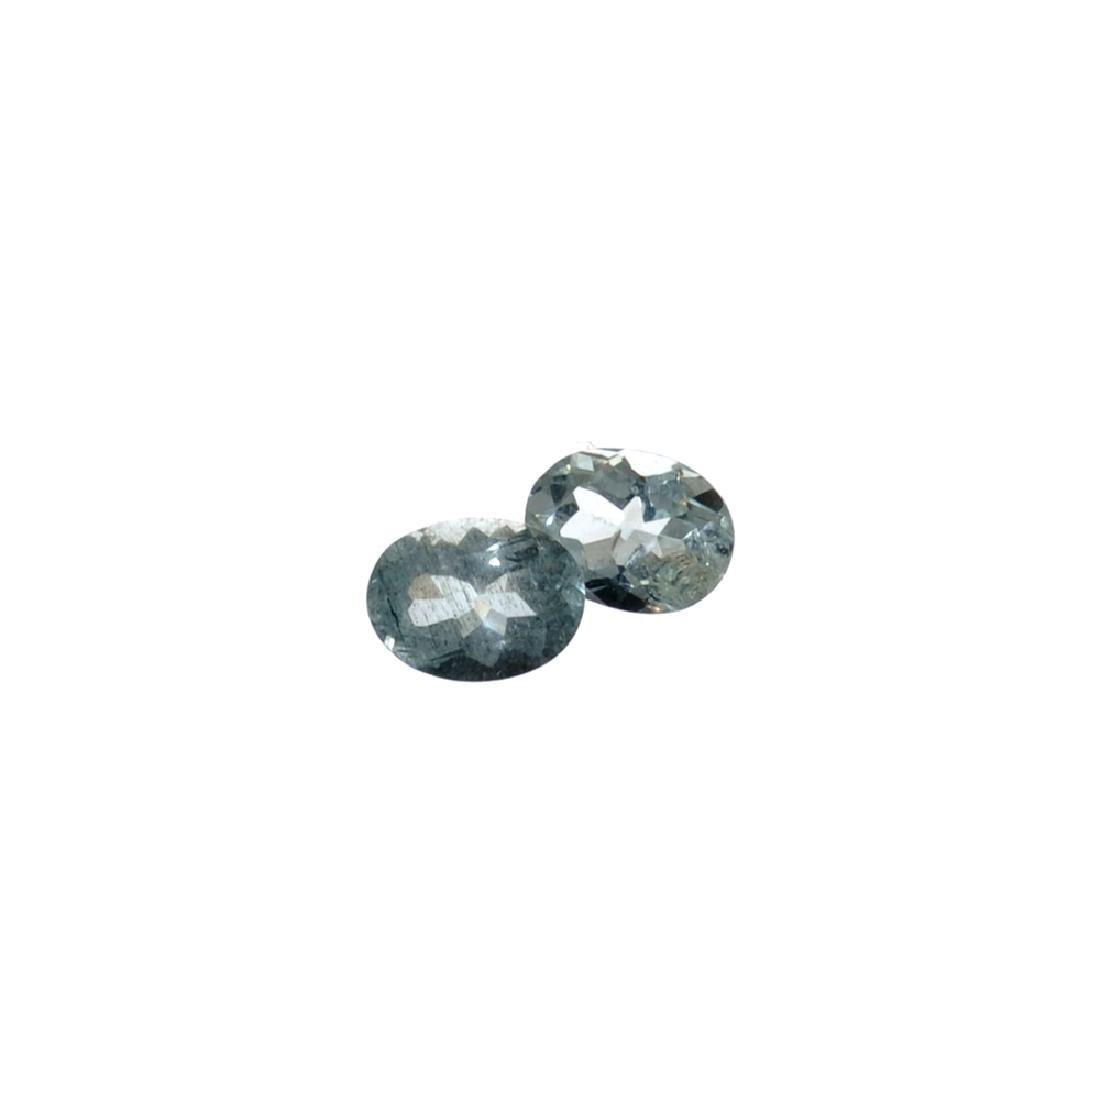 APP: 1k 2.55CT Oval Mixed Cut Natural Aquamarine Parcel